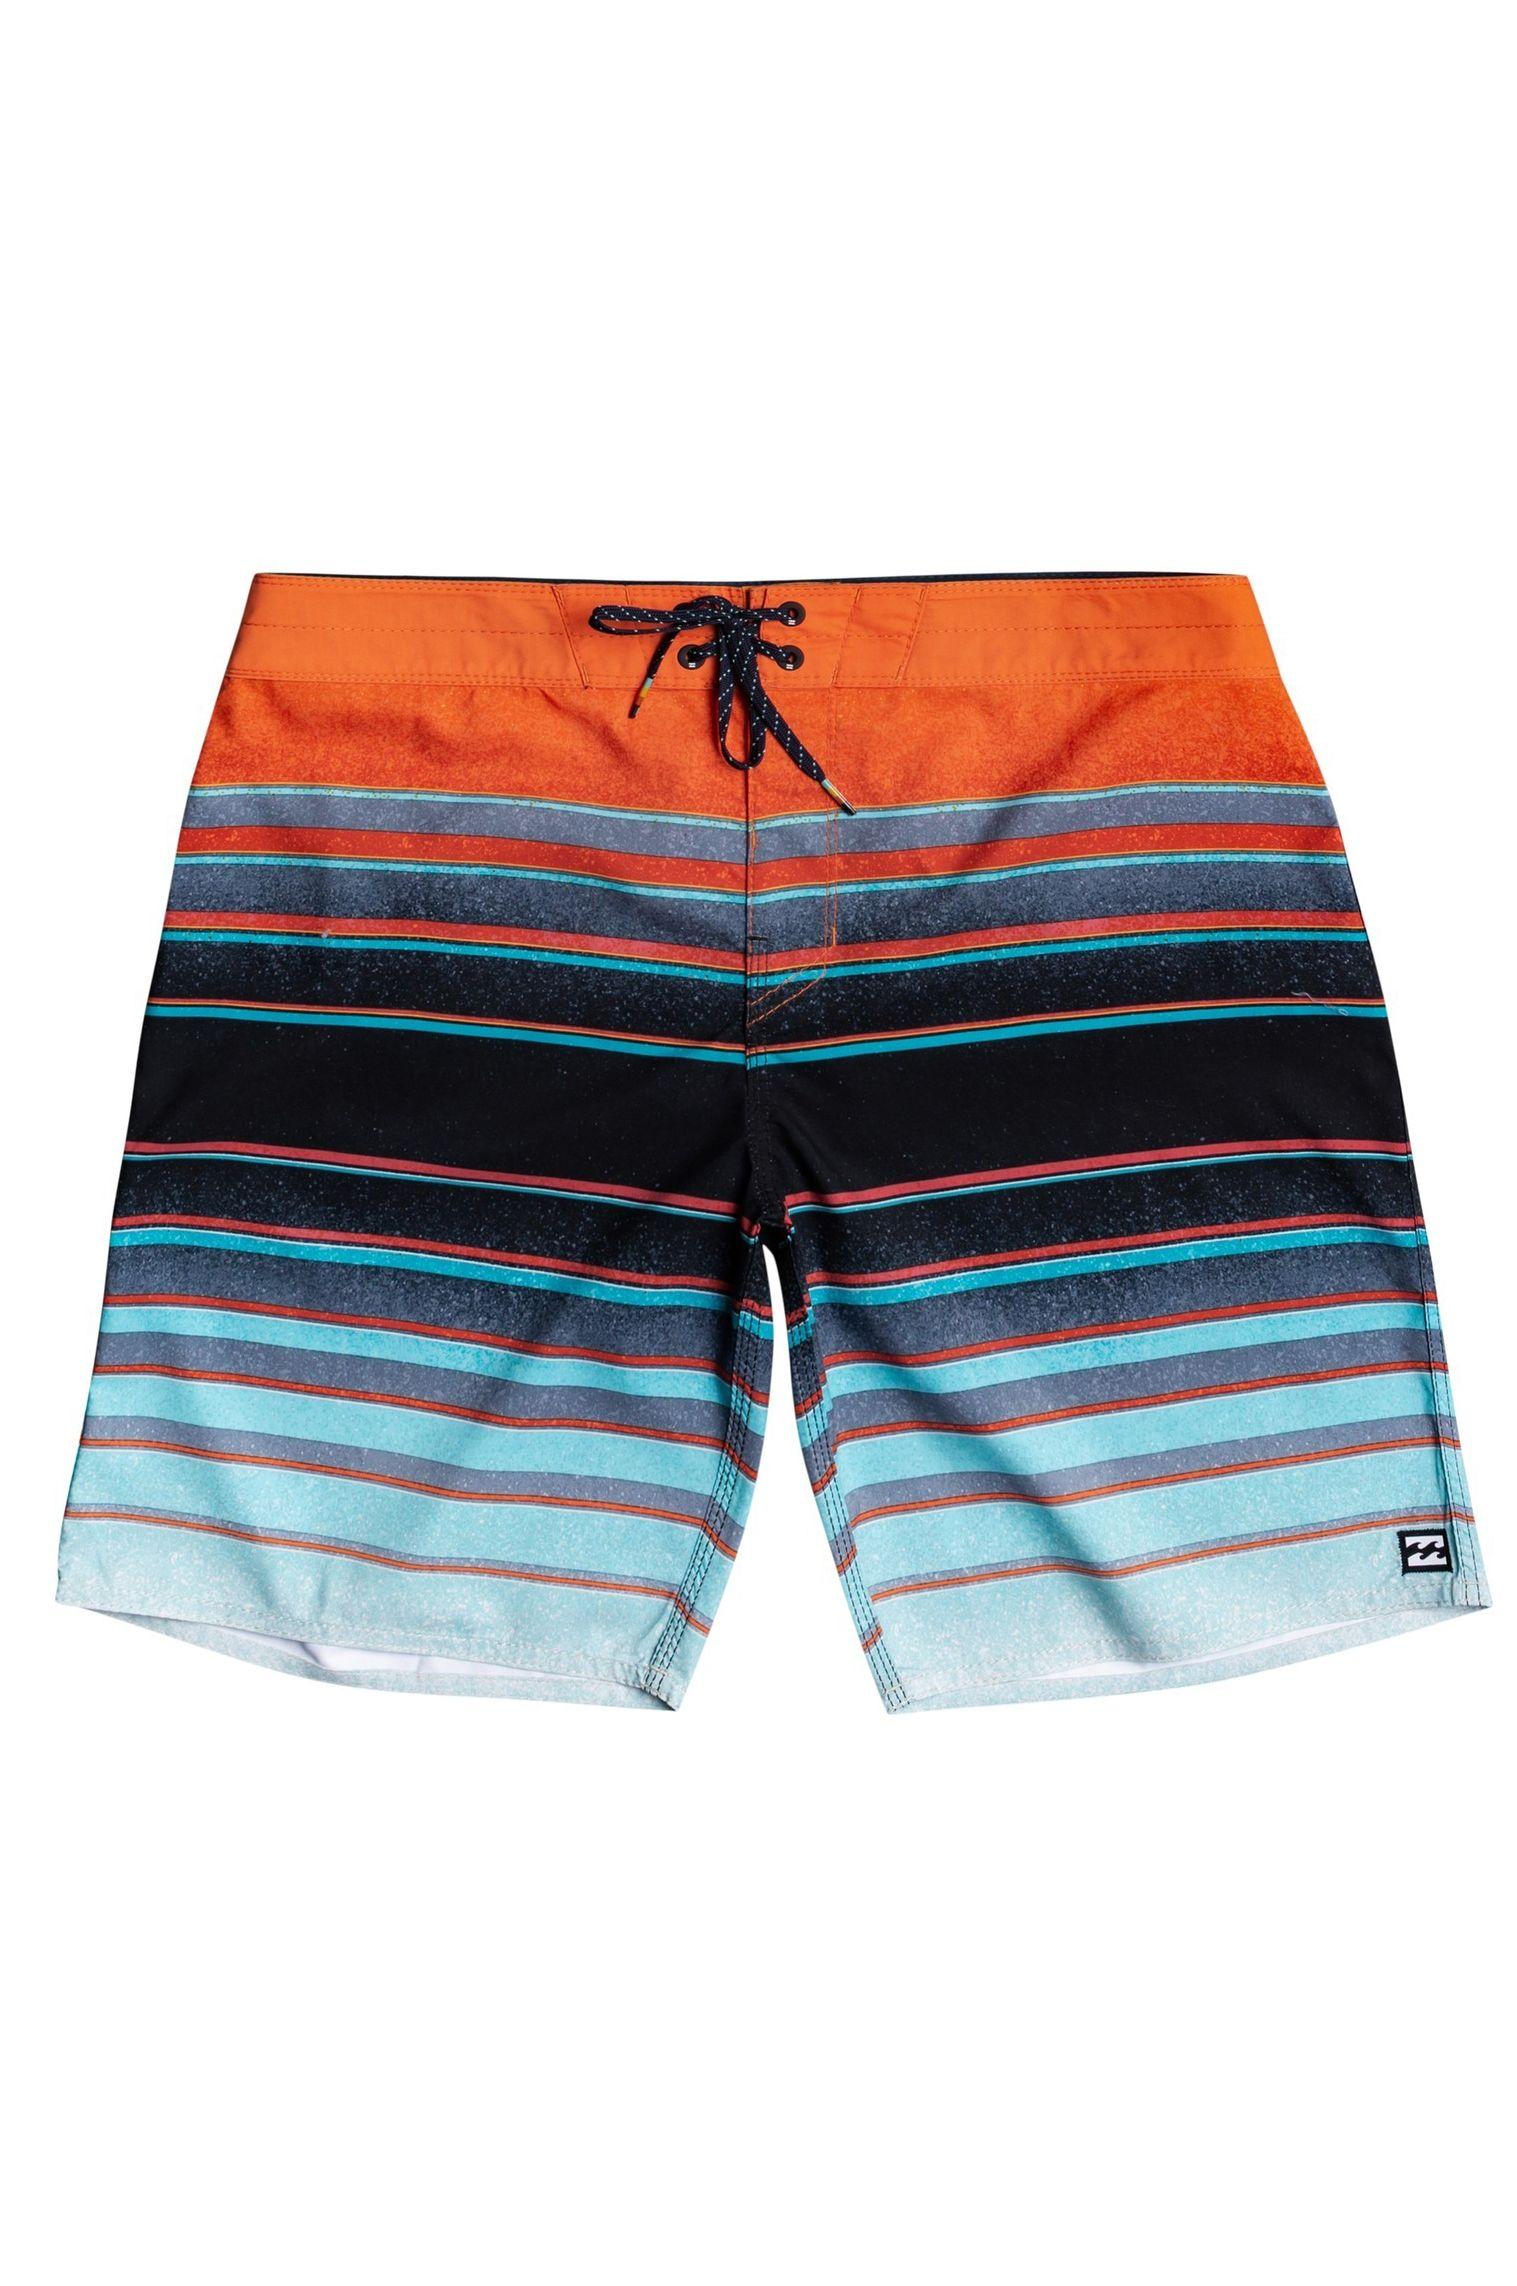 Billabong Boardshorts ALL DAY STRIPES OG Aqua